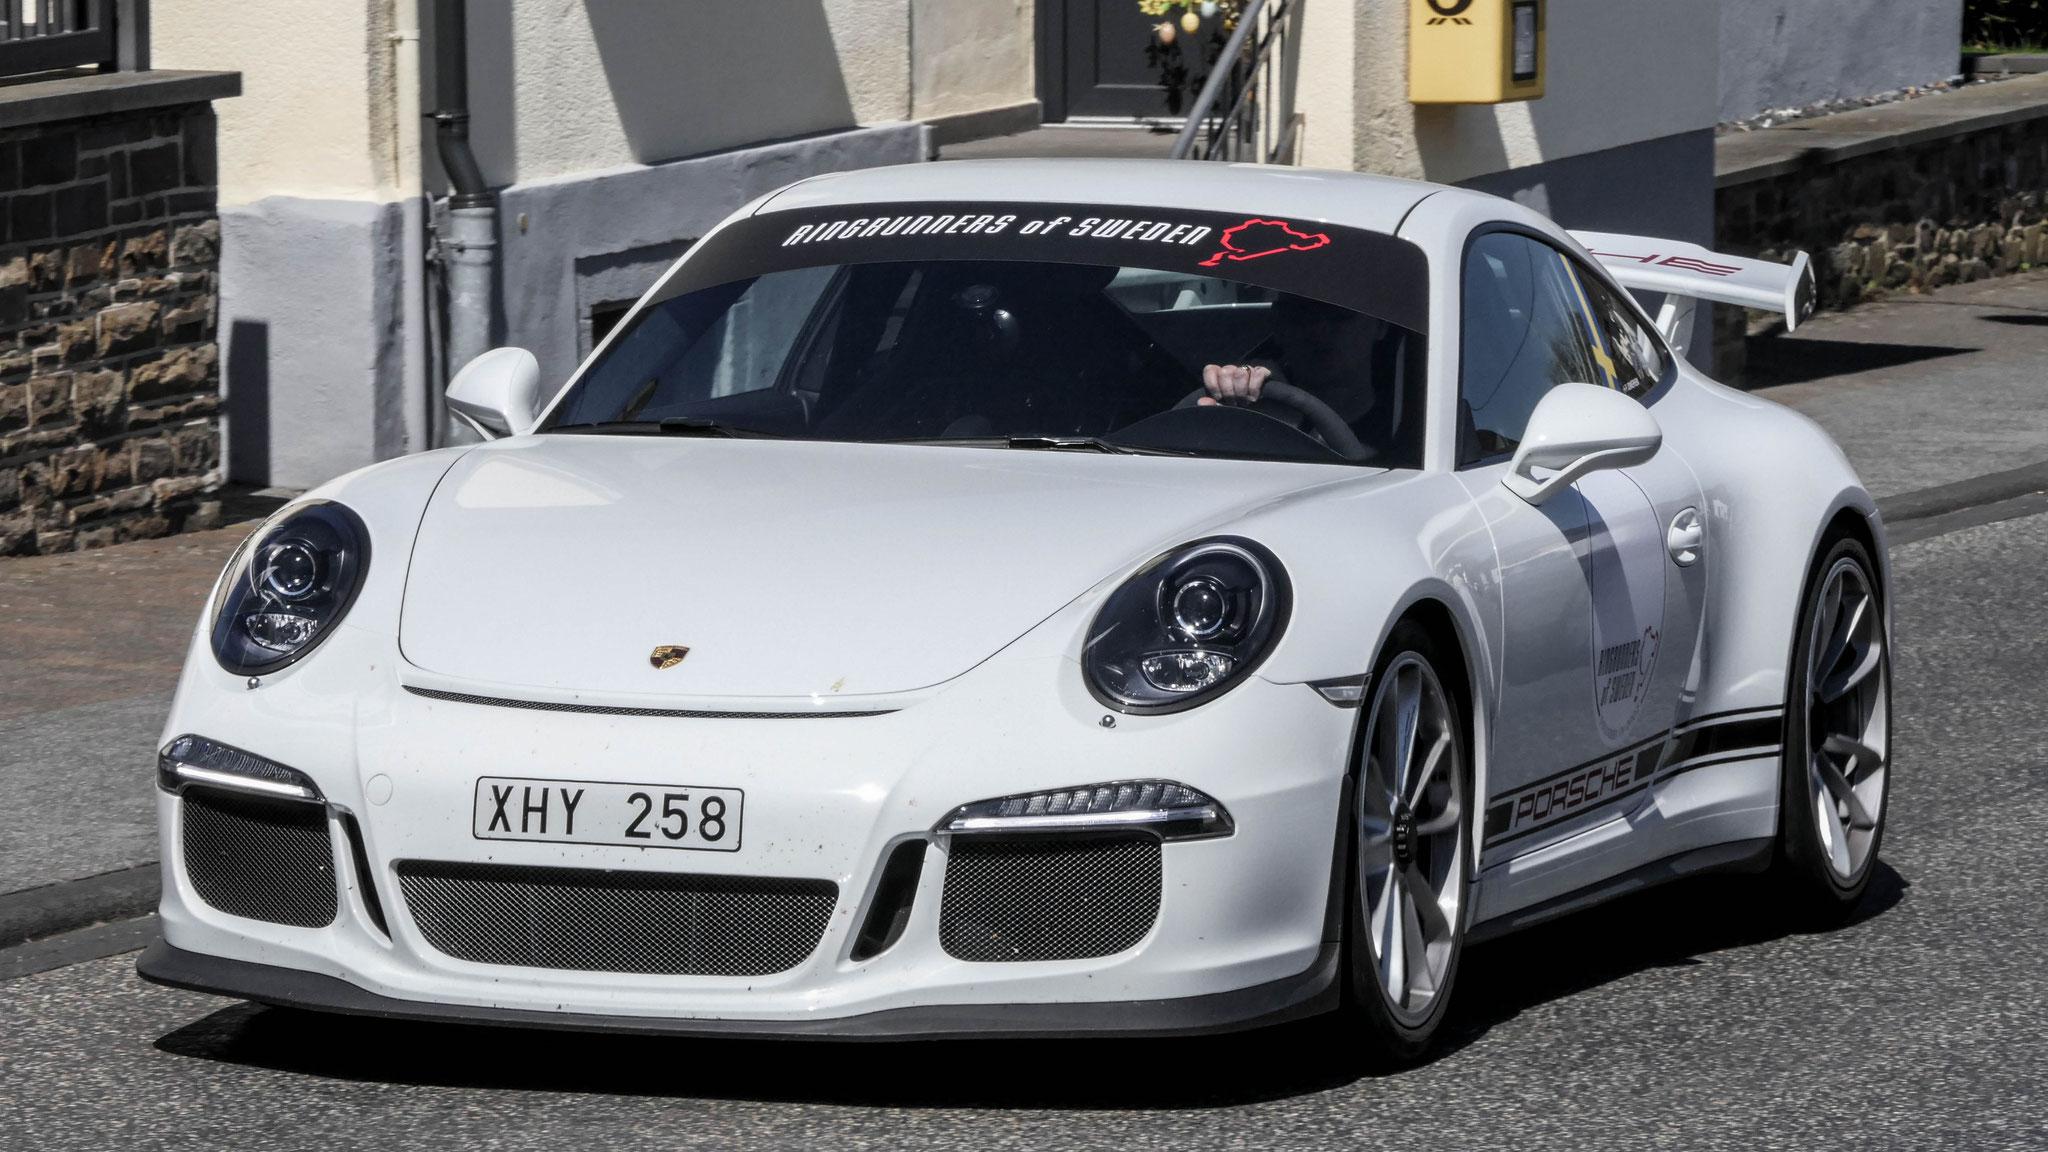 Porsche 991 GT3 - XHY-258 (SWE)